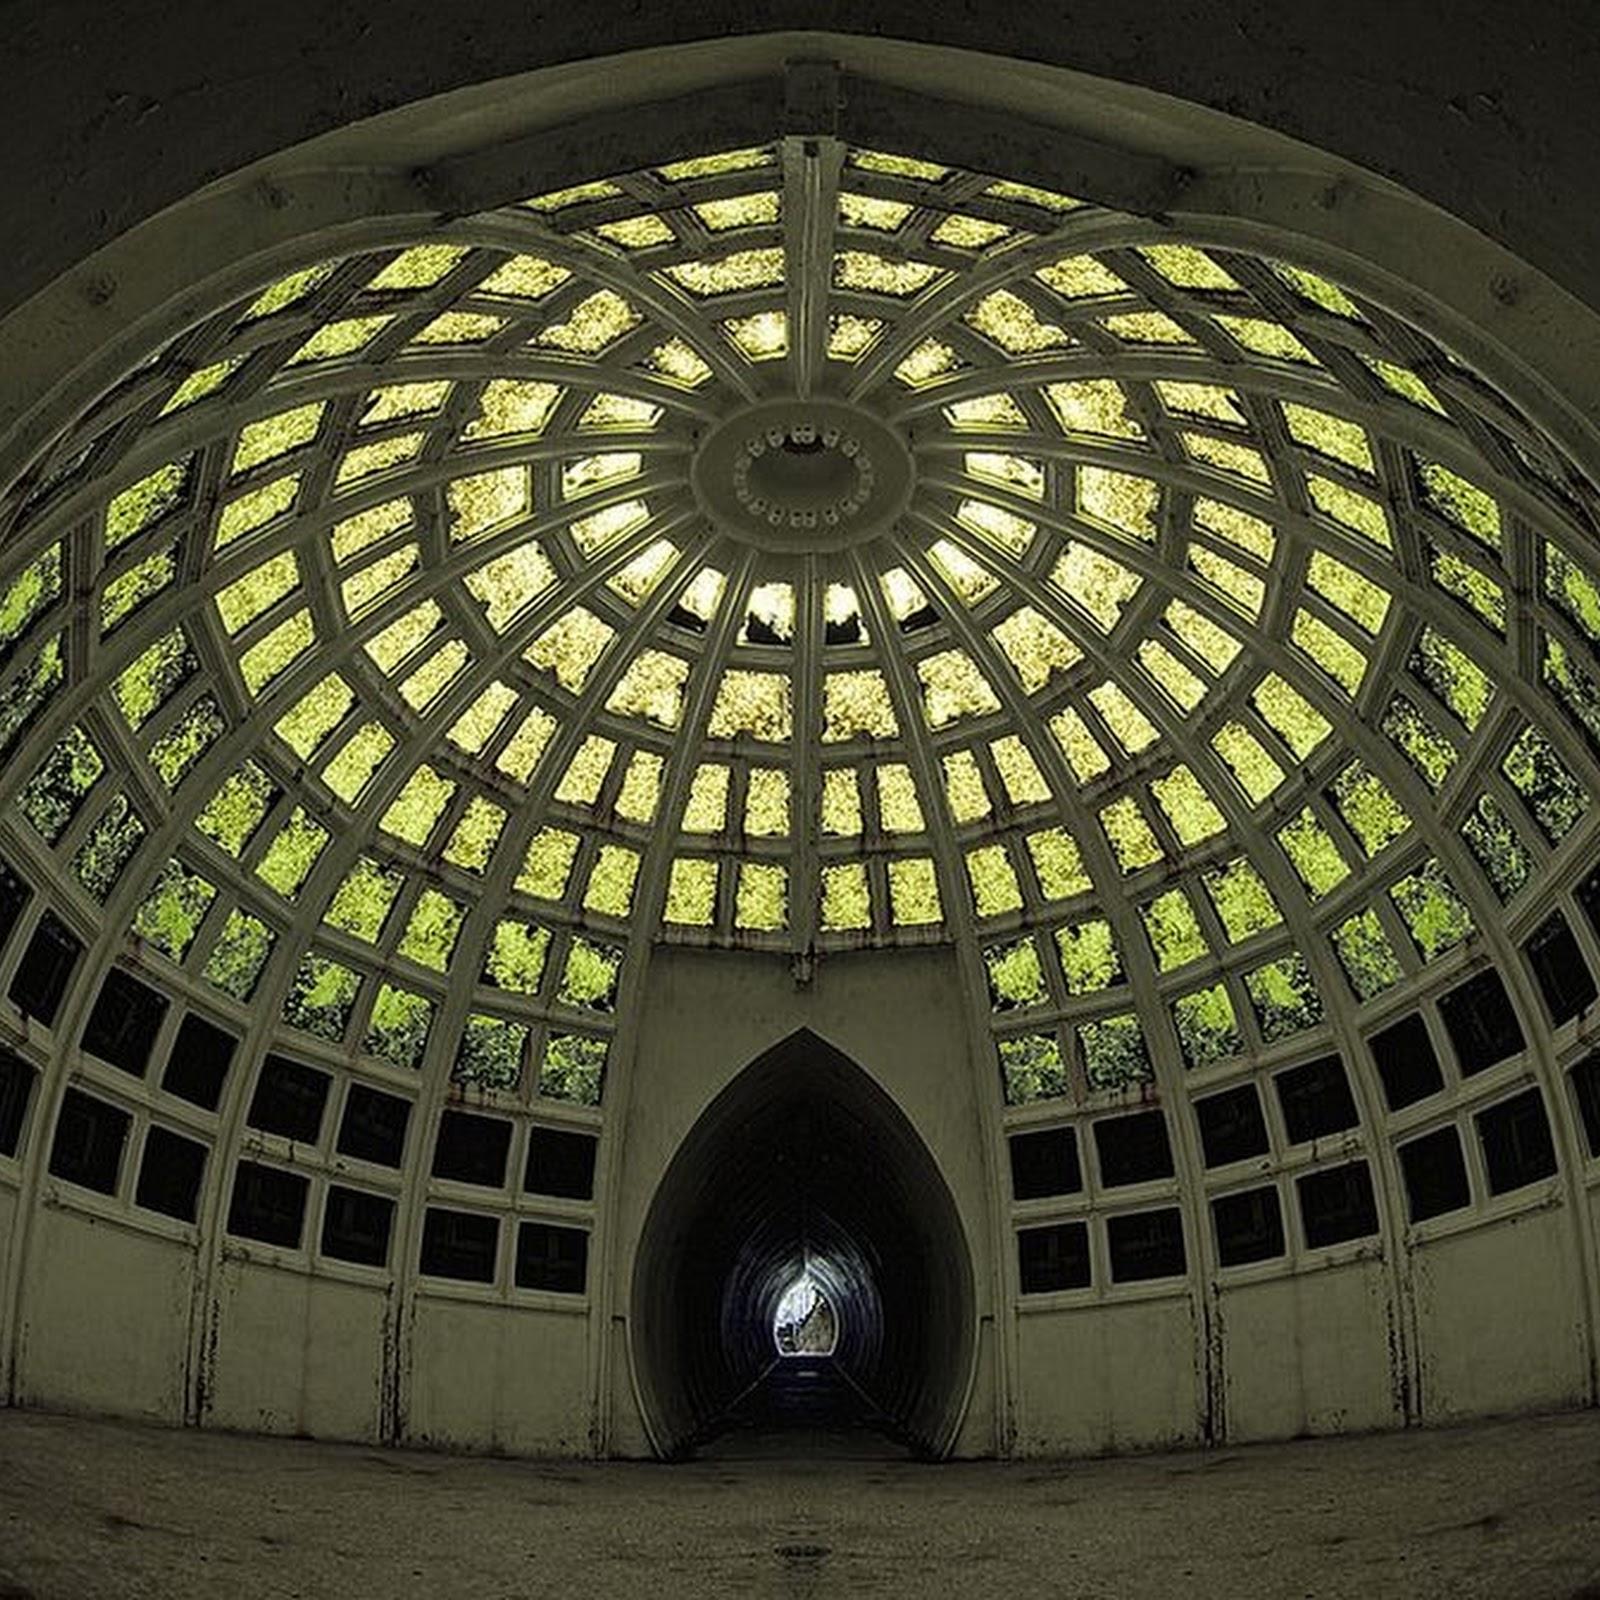 Witley Park's Underwater Ballroom